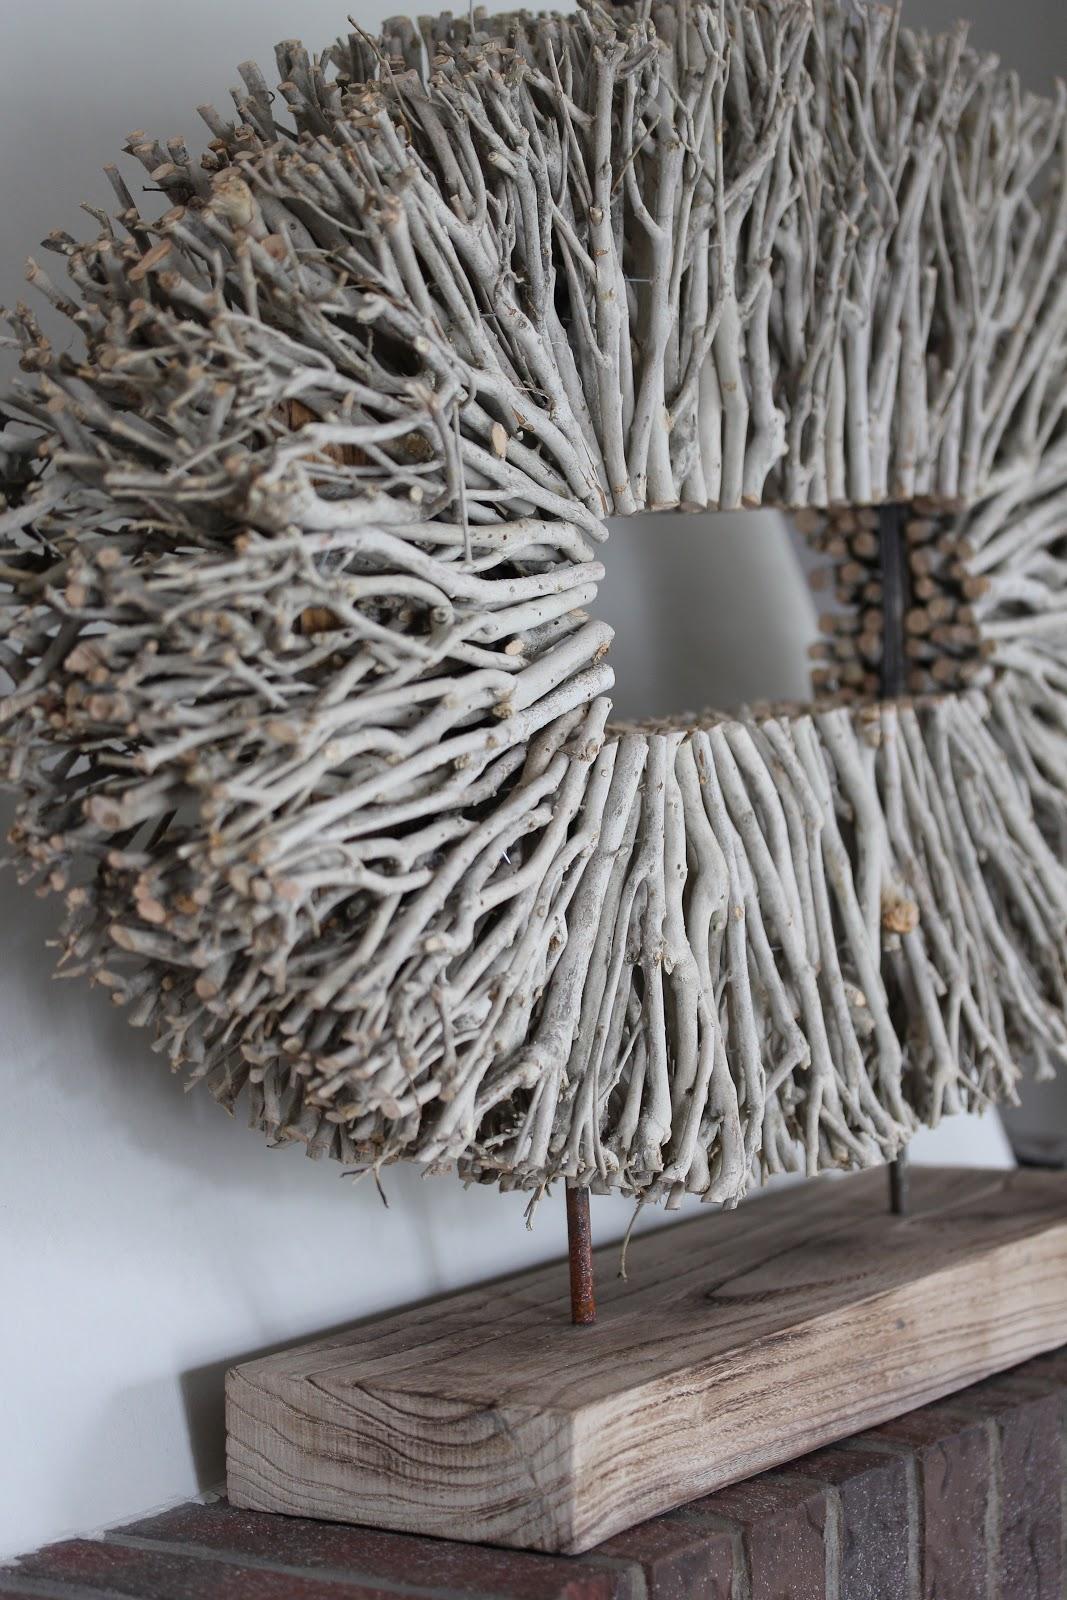 Objekt aus sten deko hoch drei - Mit asten dekorieren ...